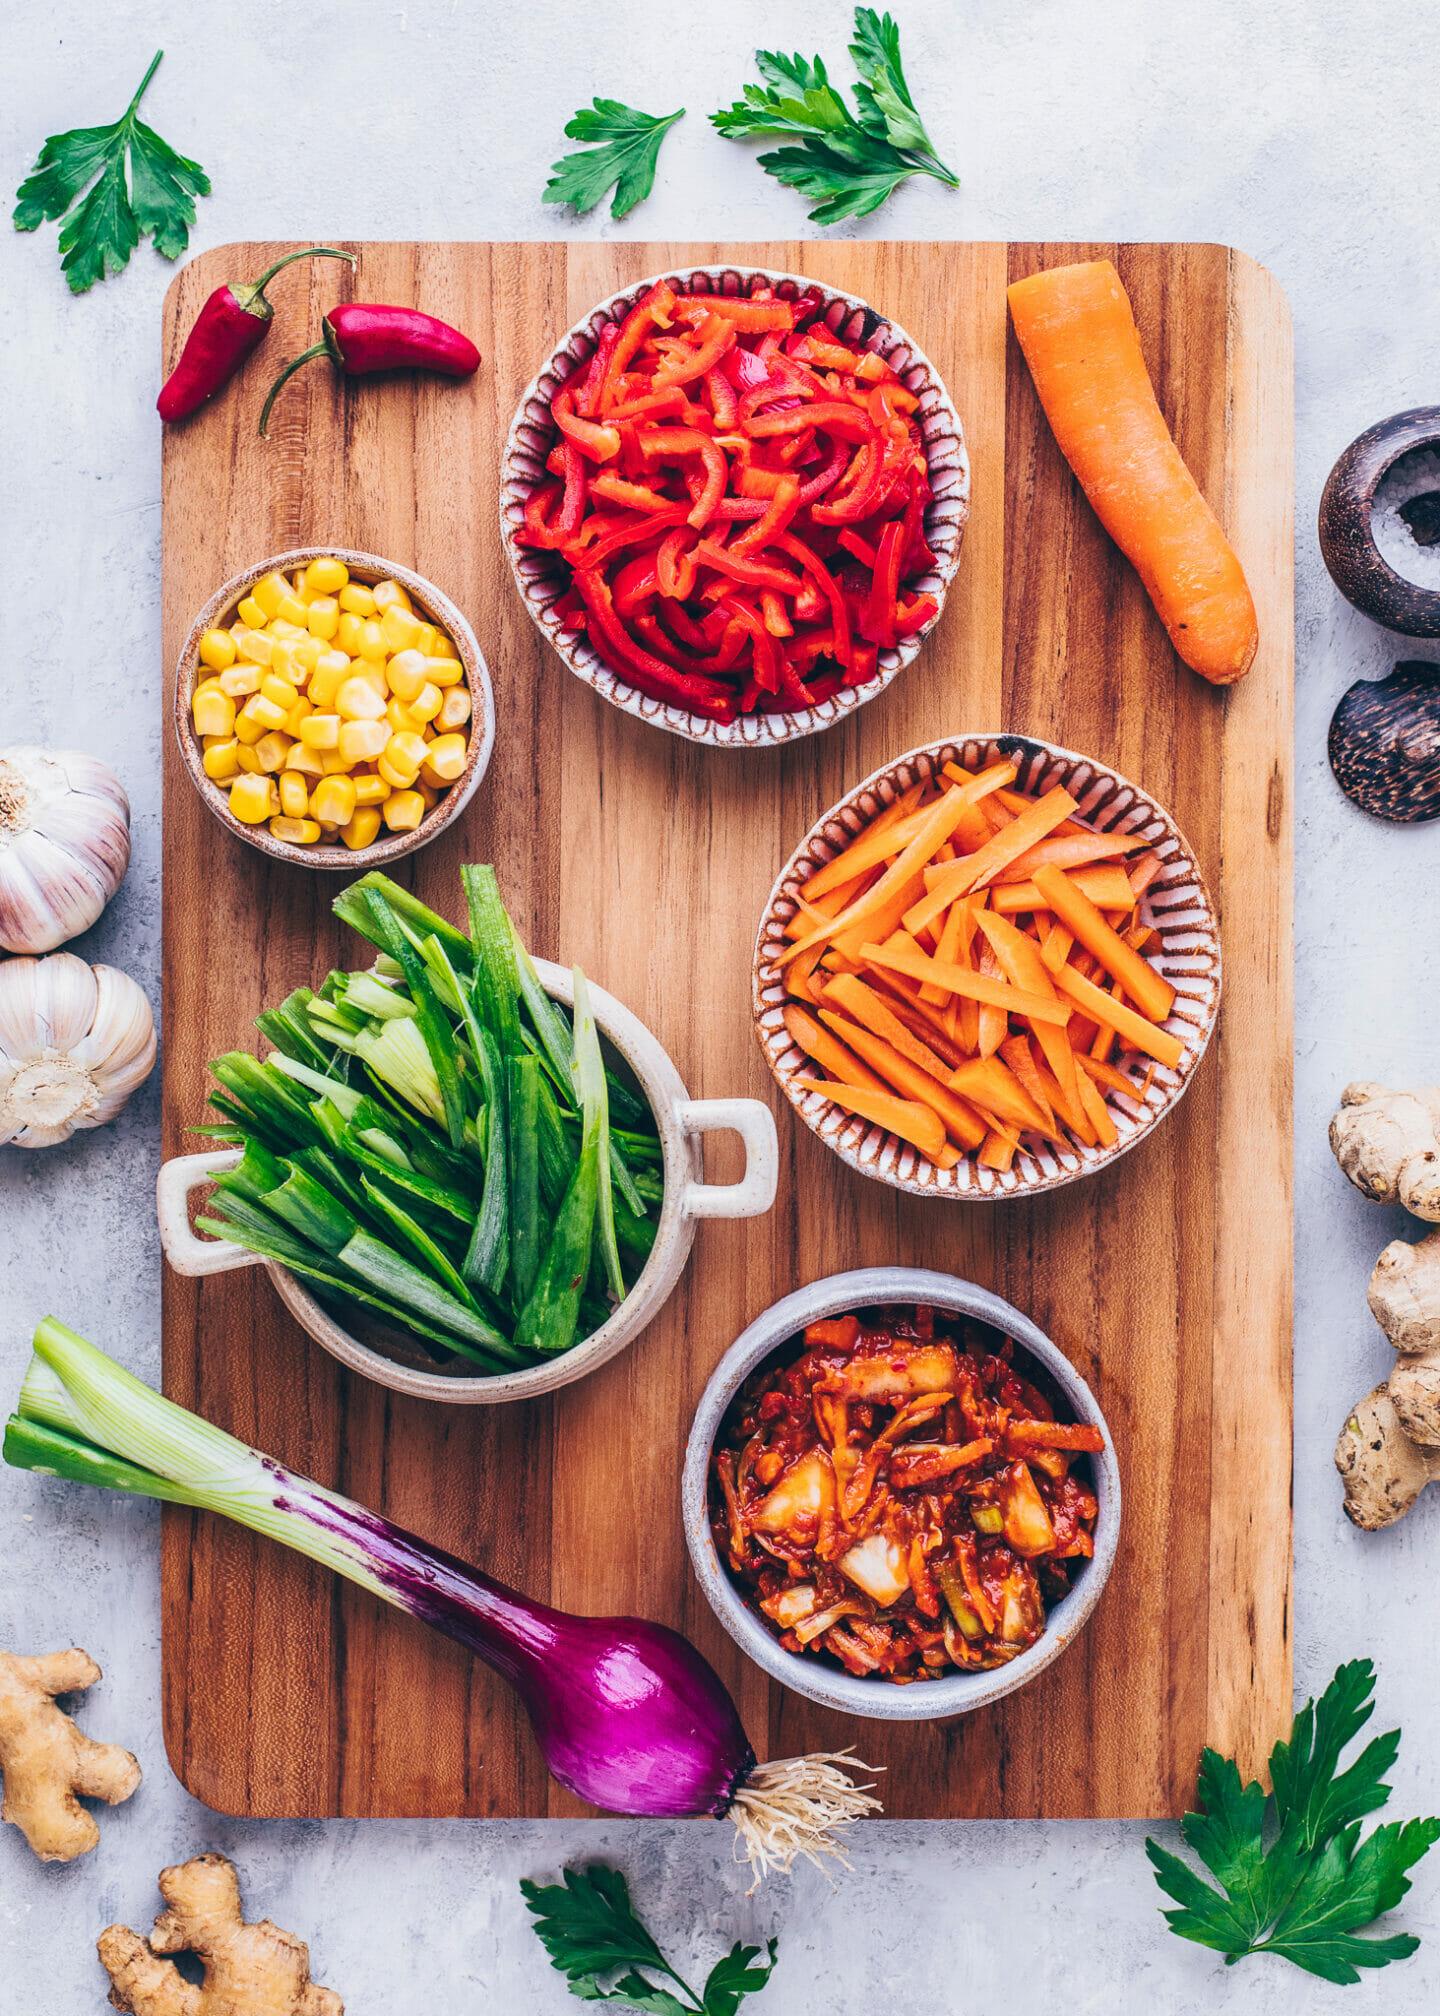 Zutaten für herzhafte Pfannkuchen: Kimchi, Frühlingszwiebeln, rote Paprika, Karotten und Mais